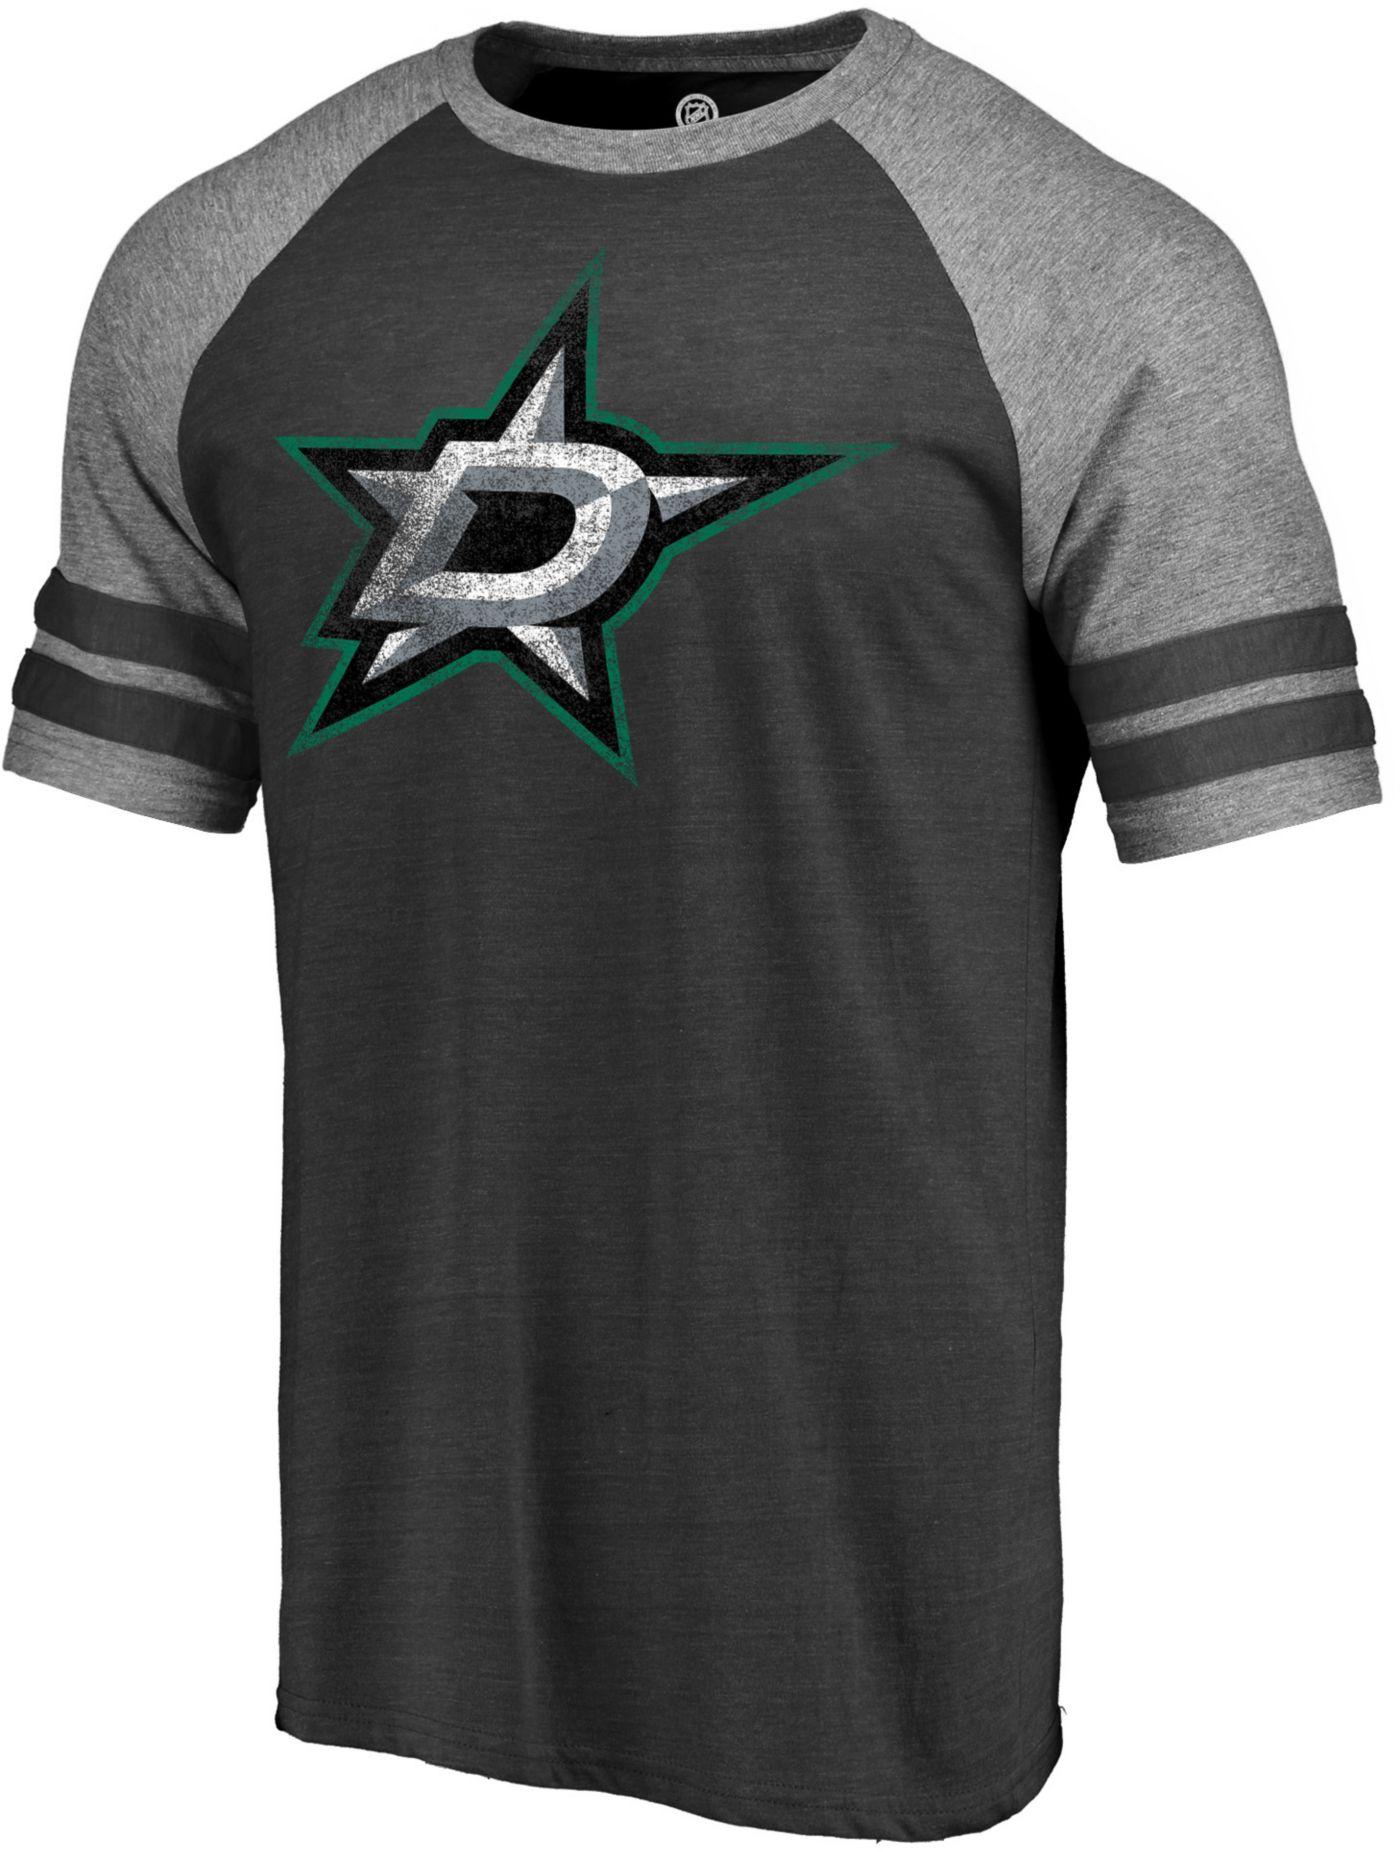 NHL Men's Dallas Stars Distressed Black T-Shirt